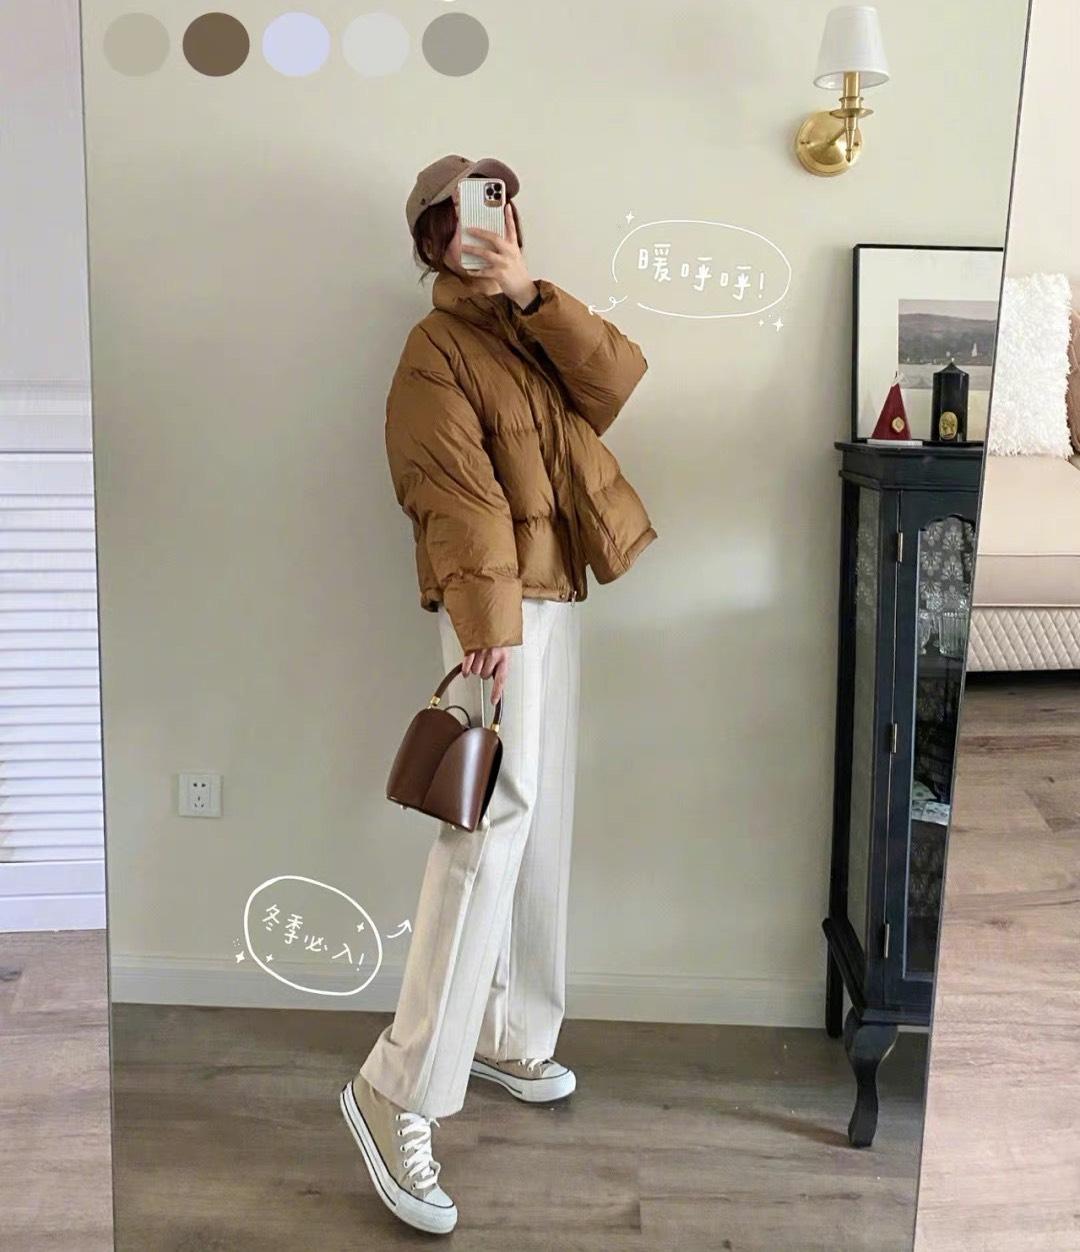 """冬季也要""""暖乎乎""""!時尚又保暖的8種穿搭范本,讓你溫暖過冬"""